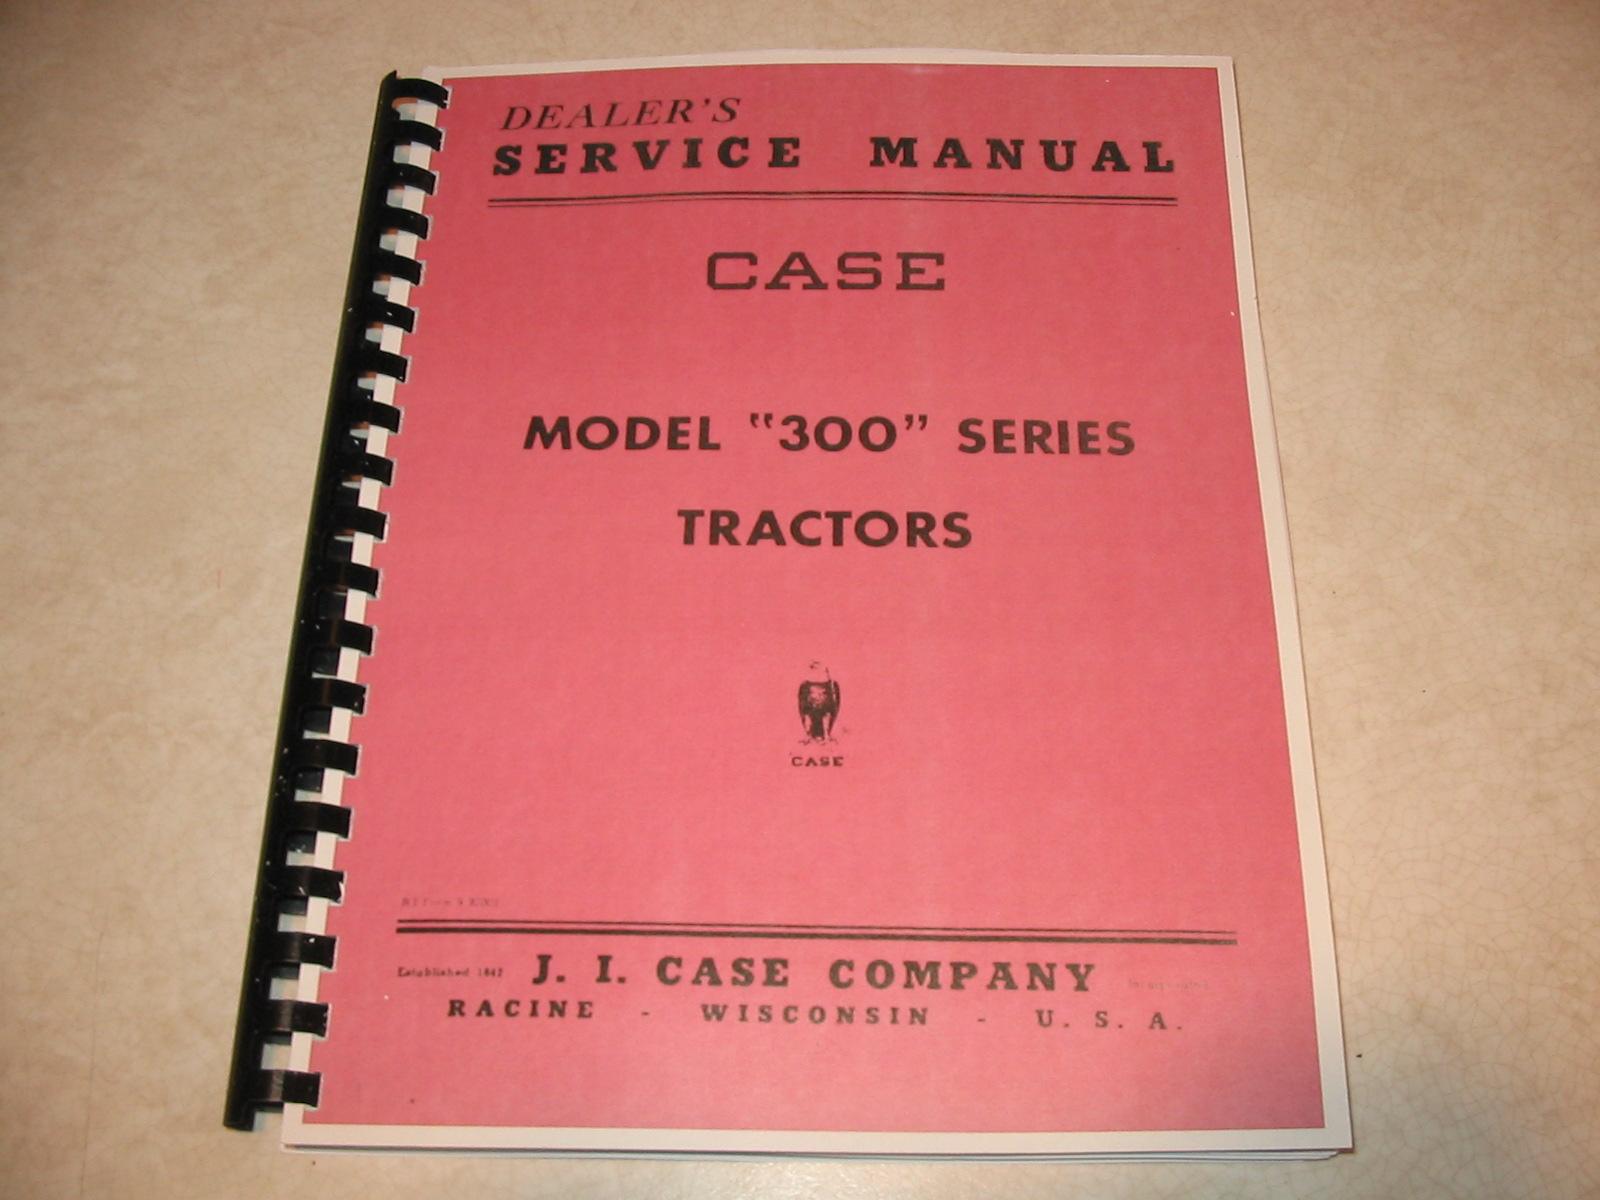 p-893-CASE_300_Tractor_4d50784aec397.jpg